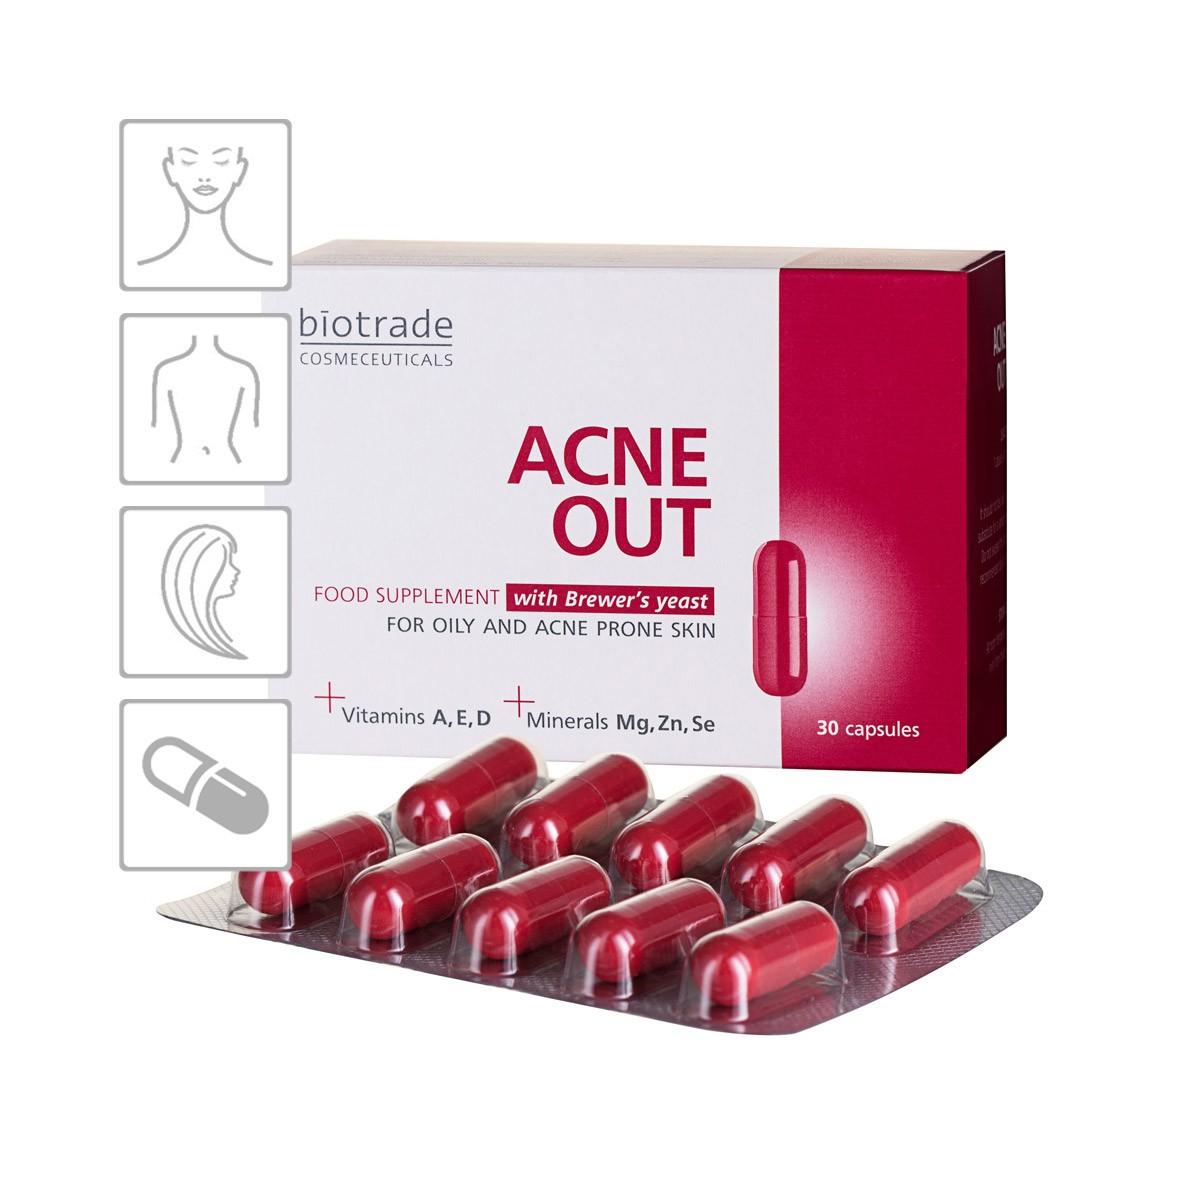 Acne Out Food Supplement Biotrade doplněk stravy s vitaminy a pivovarskými kvasnicemi